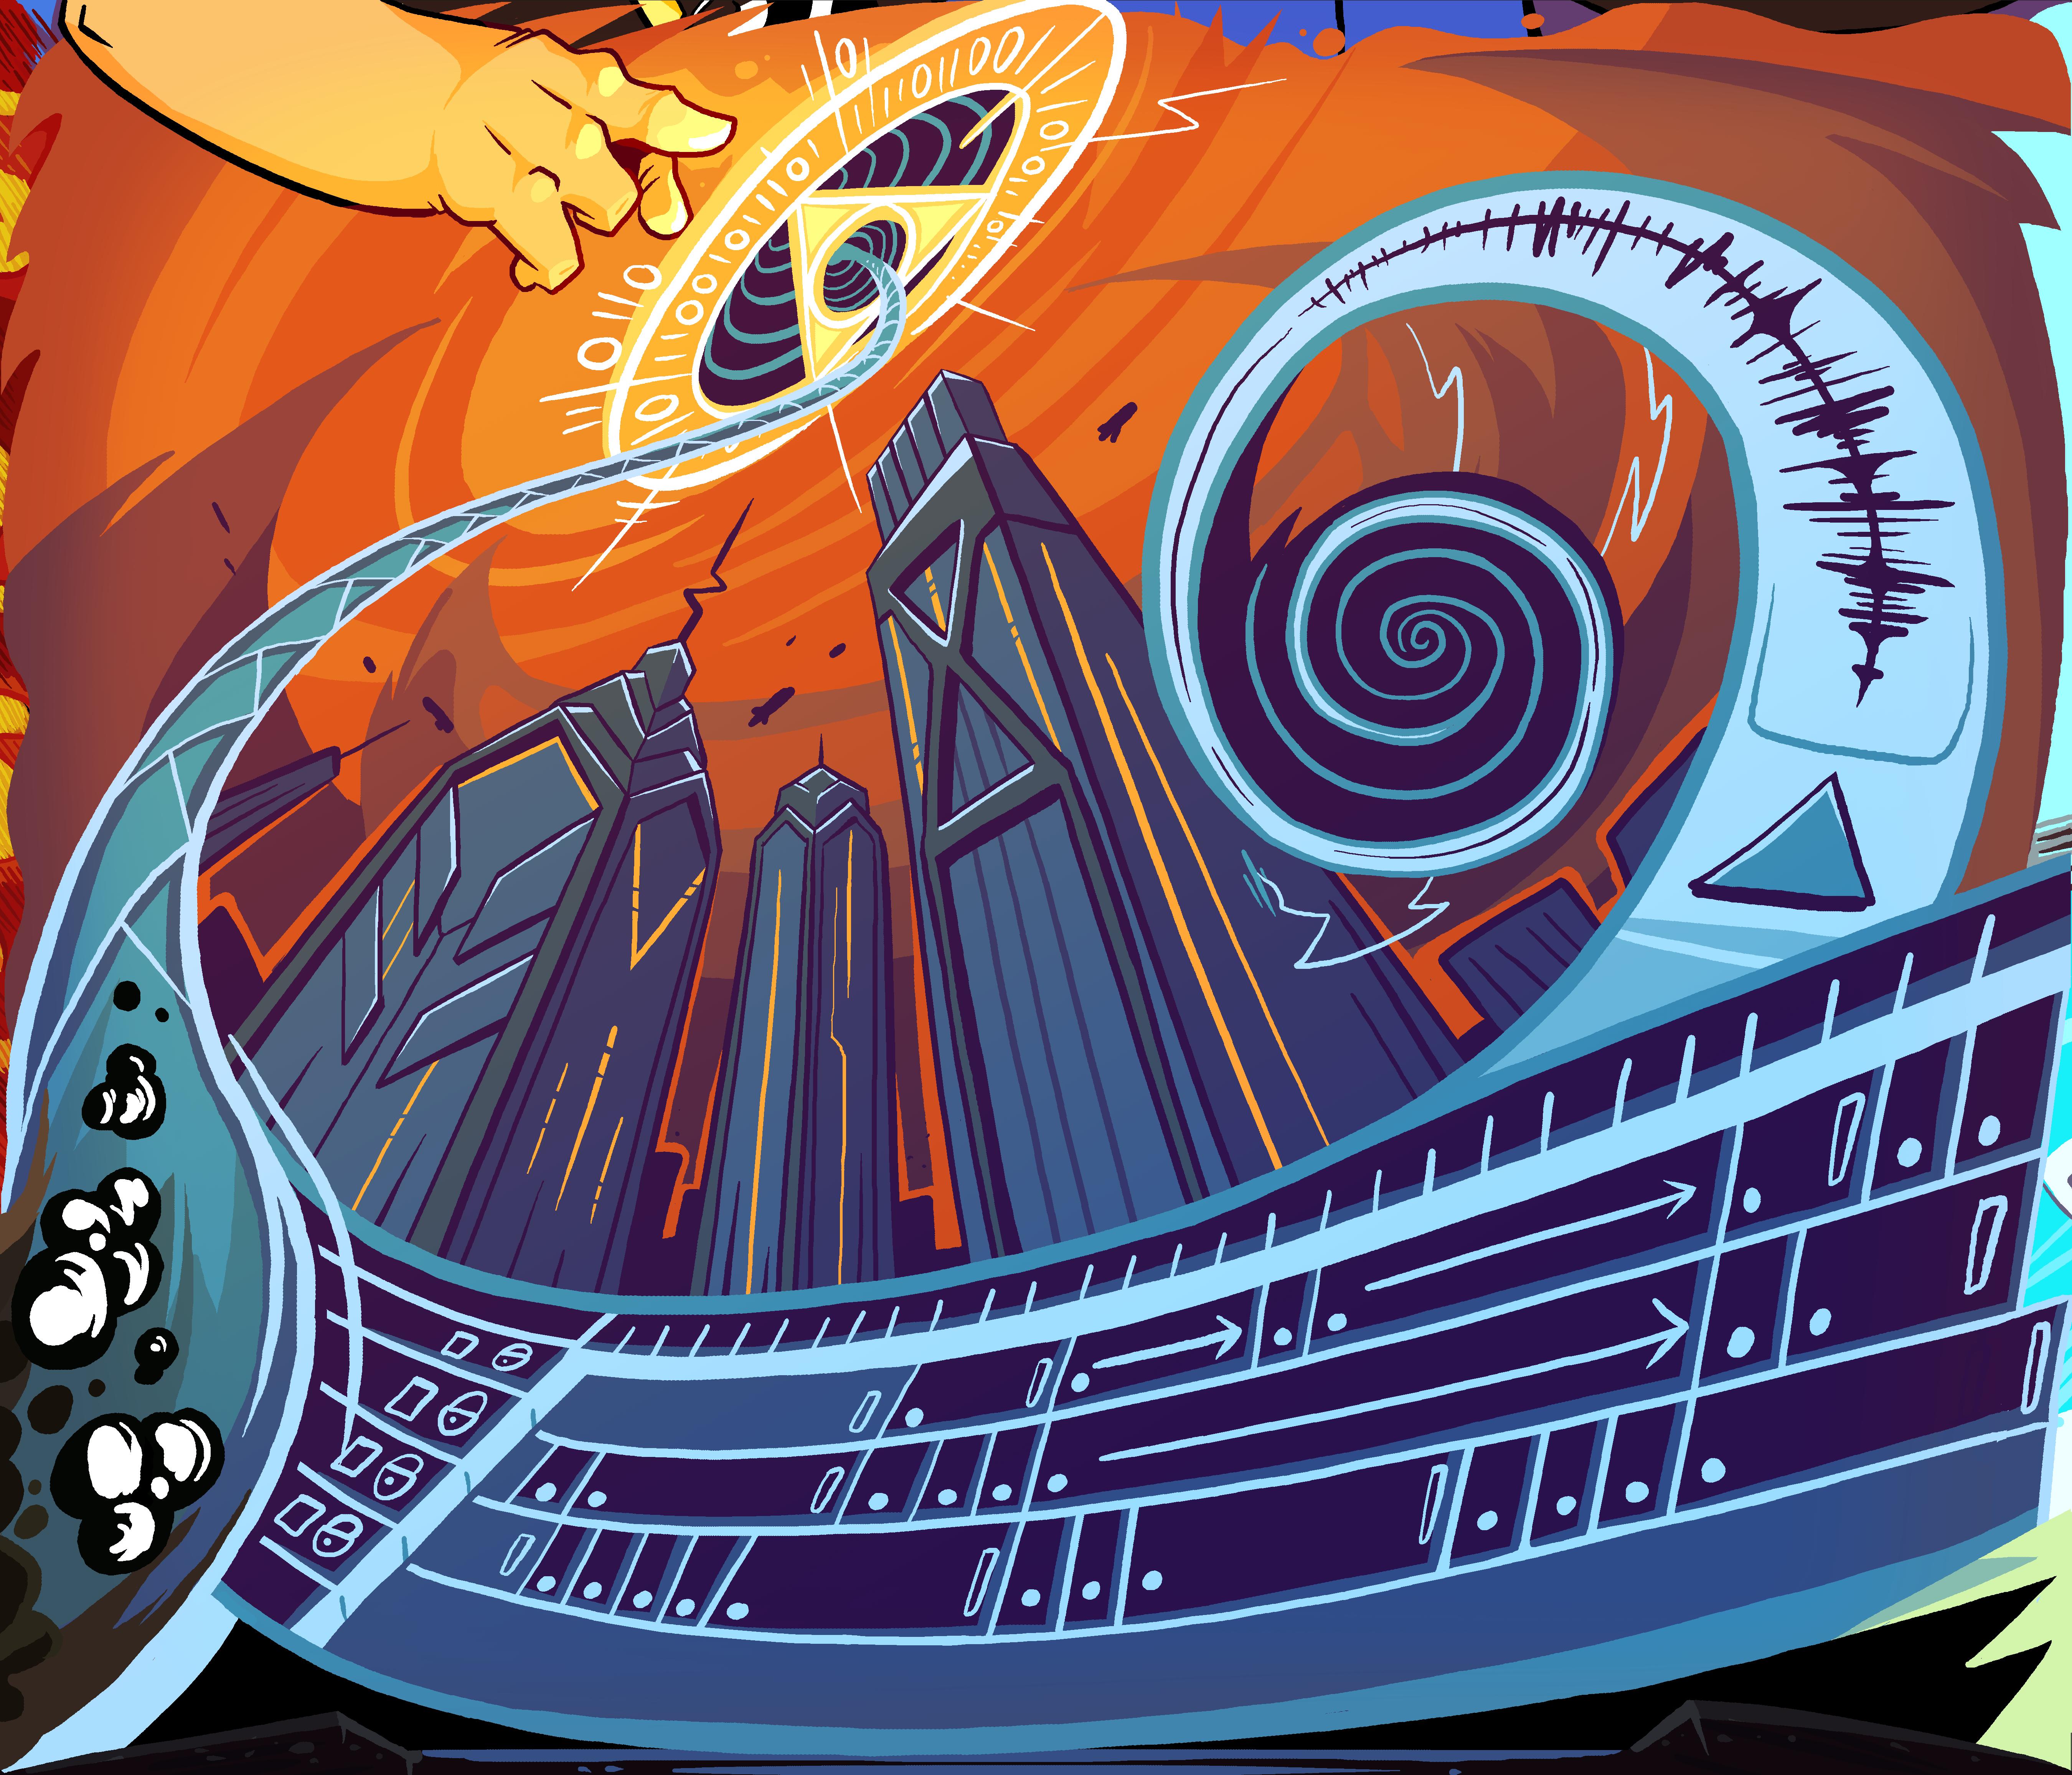 Picollage 2020 - the Portals